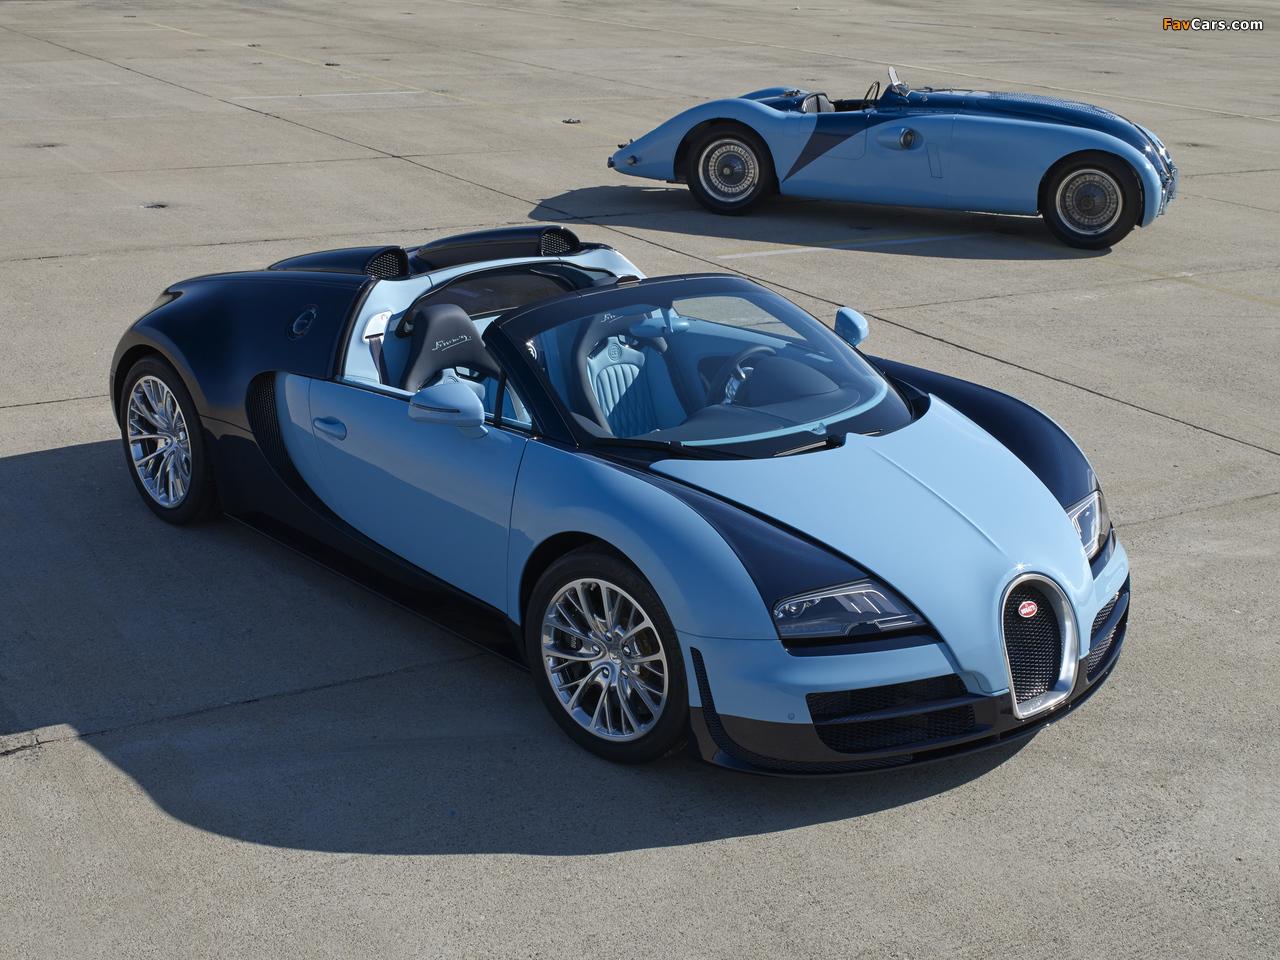 Bugatti images (1280 x 960)